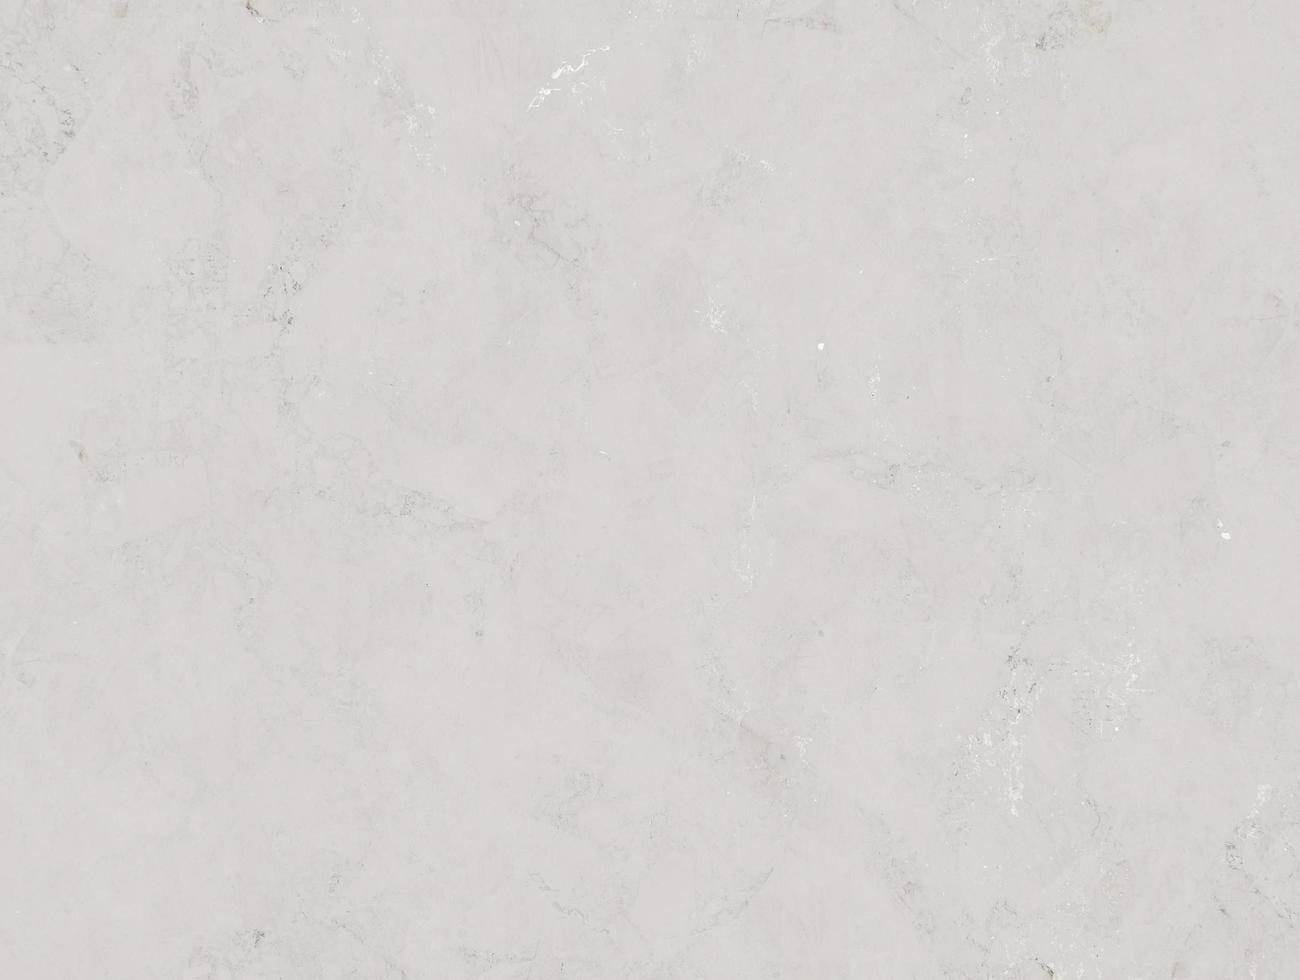 fond de texture de pierre neutre photo